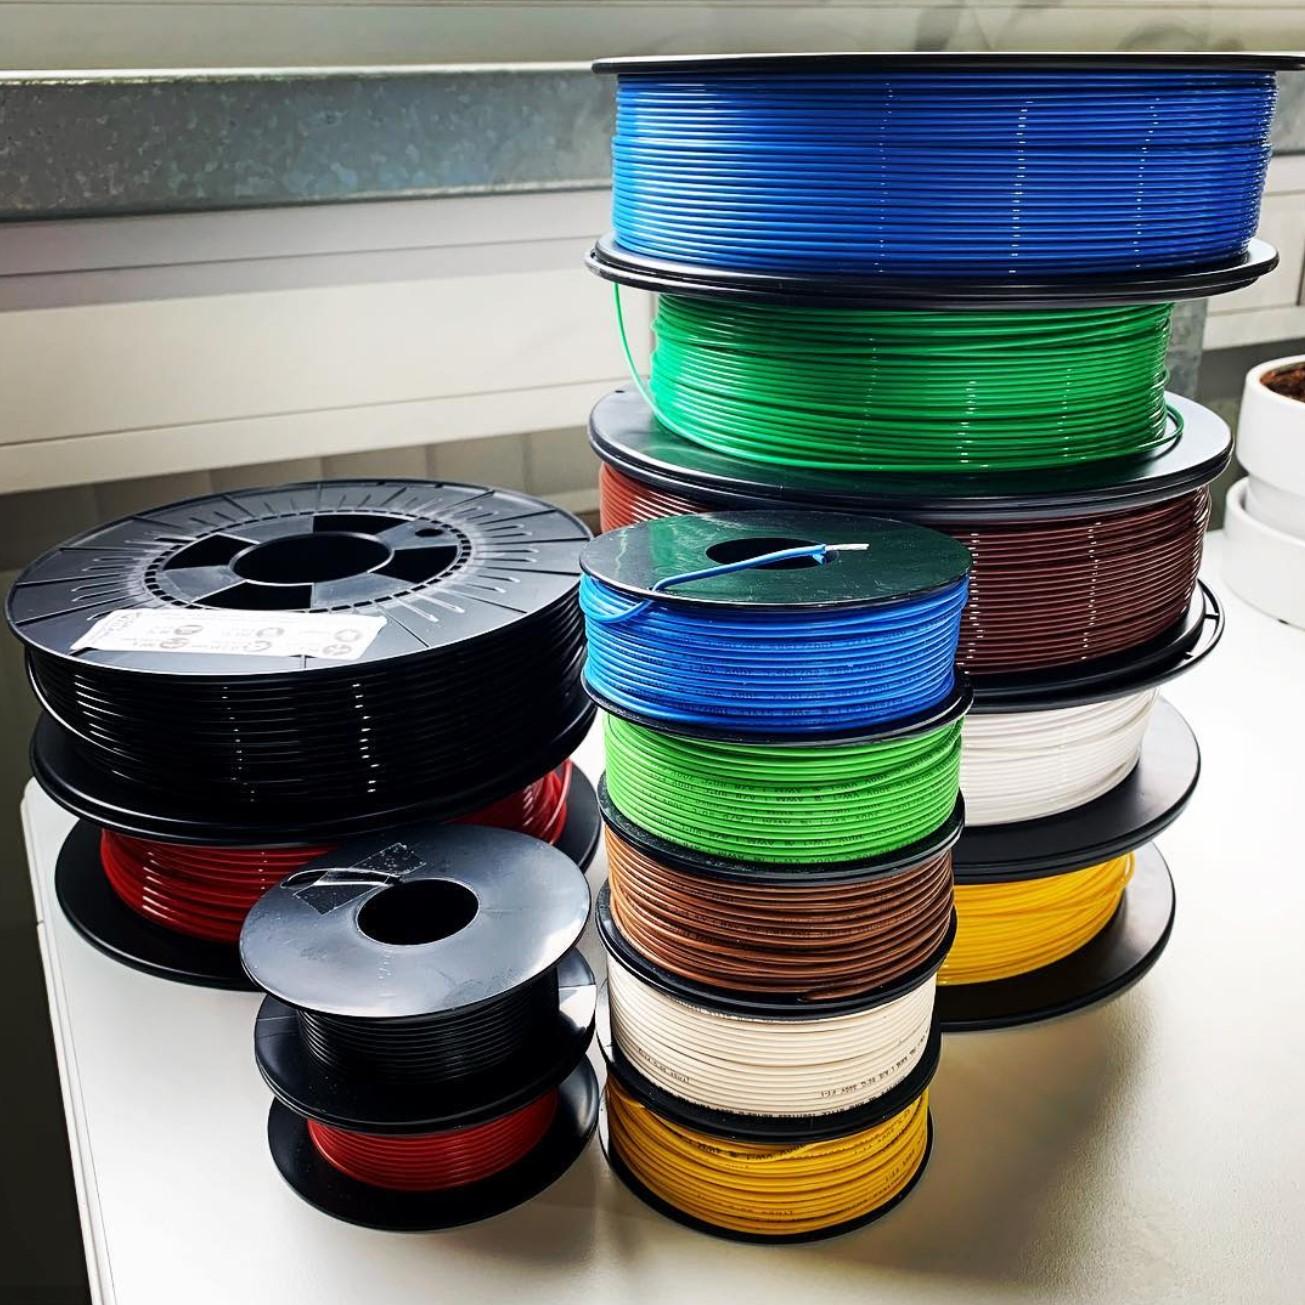 Oh, die Kabel sehen aus wie Mini Filamentspulen :D